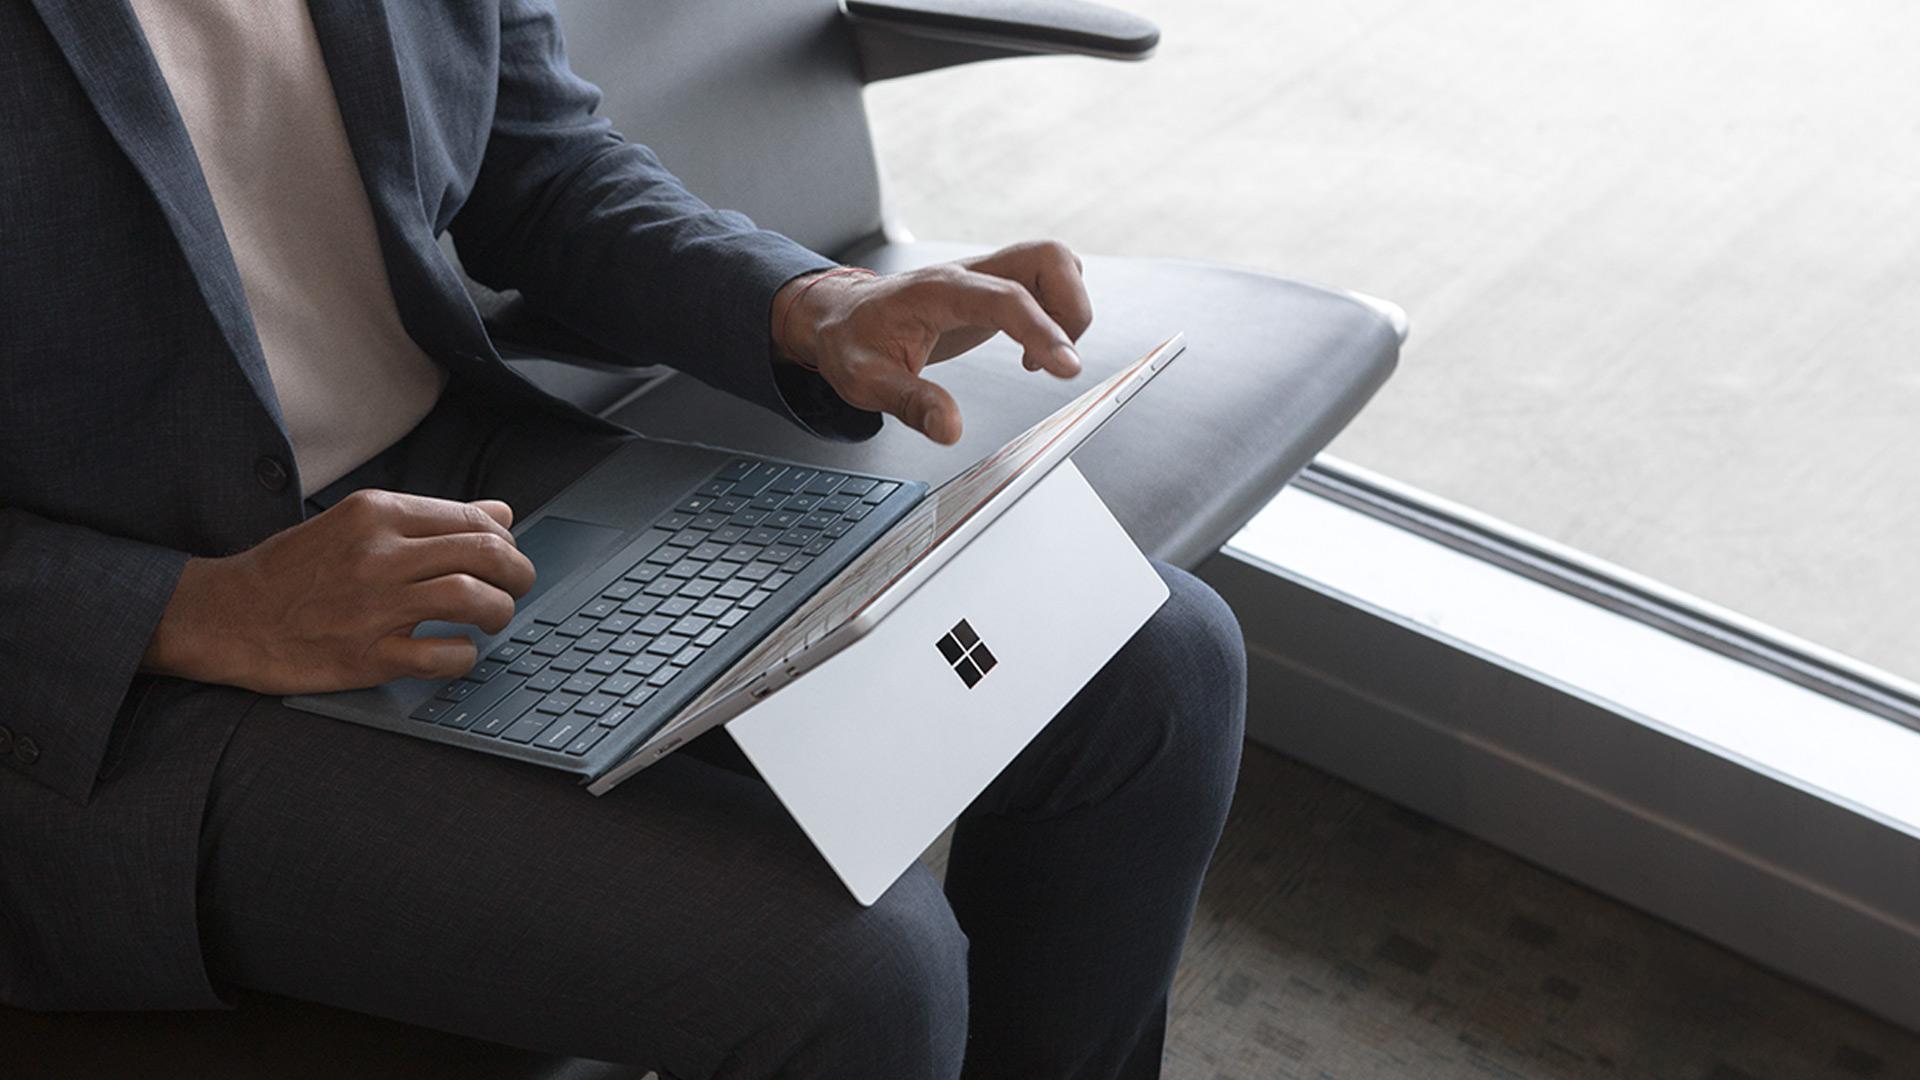 Une personne travaille dans une salle d'attente d'aéroport avec une SurfacePro sur les genoux